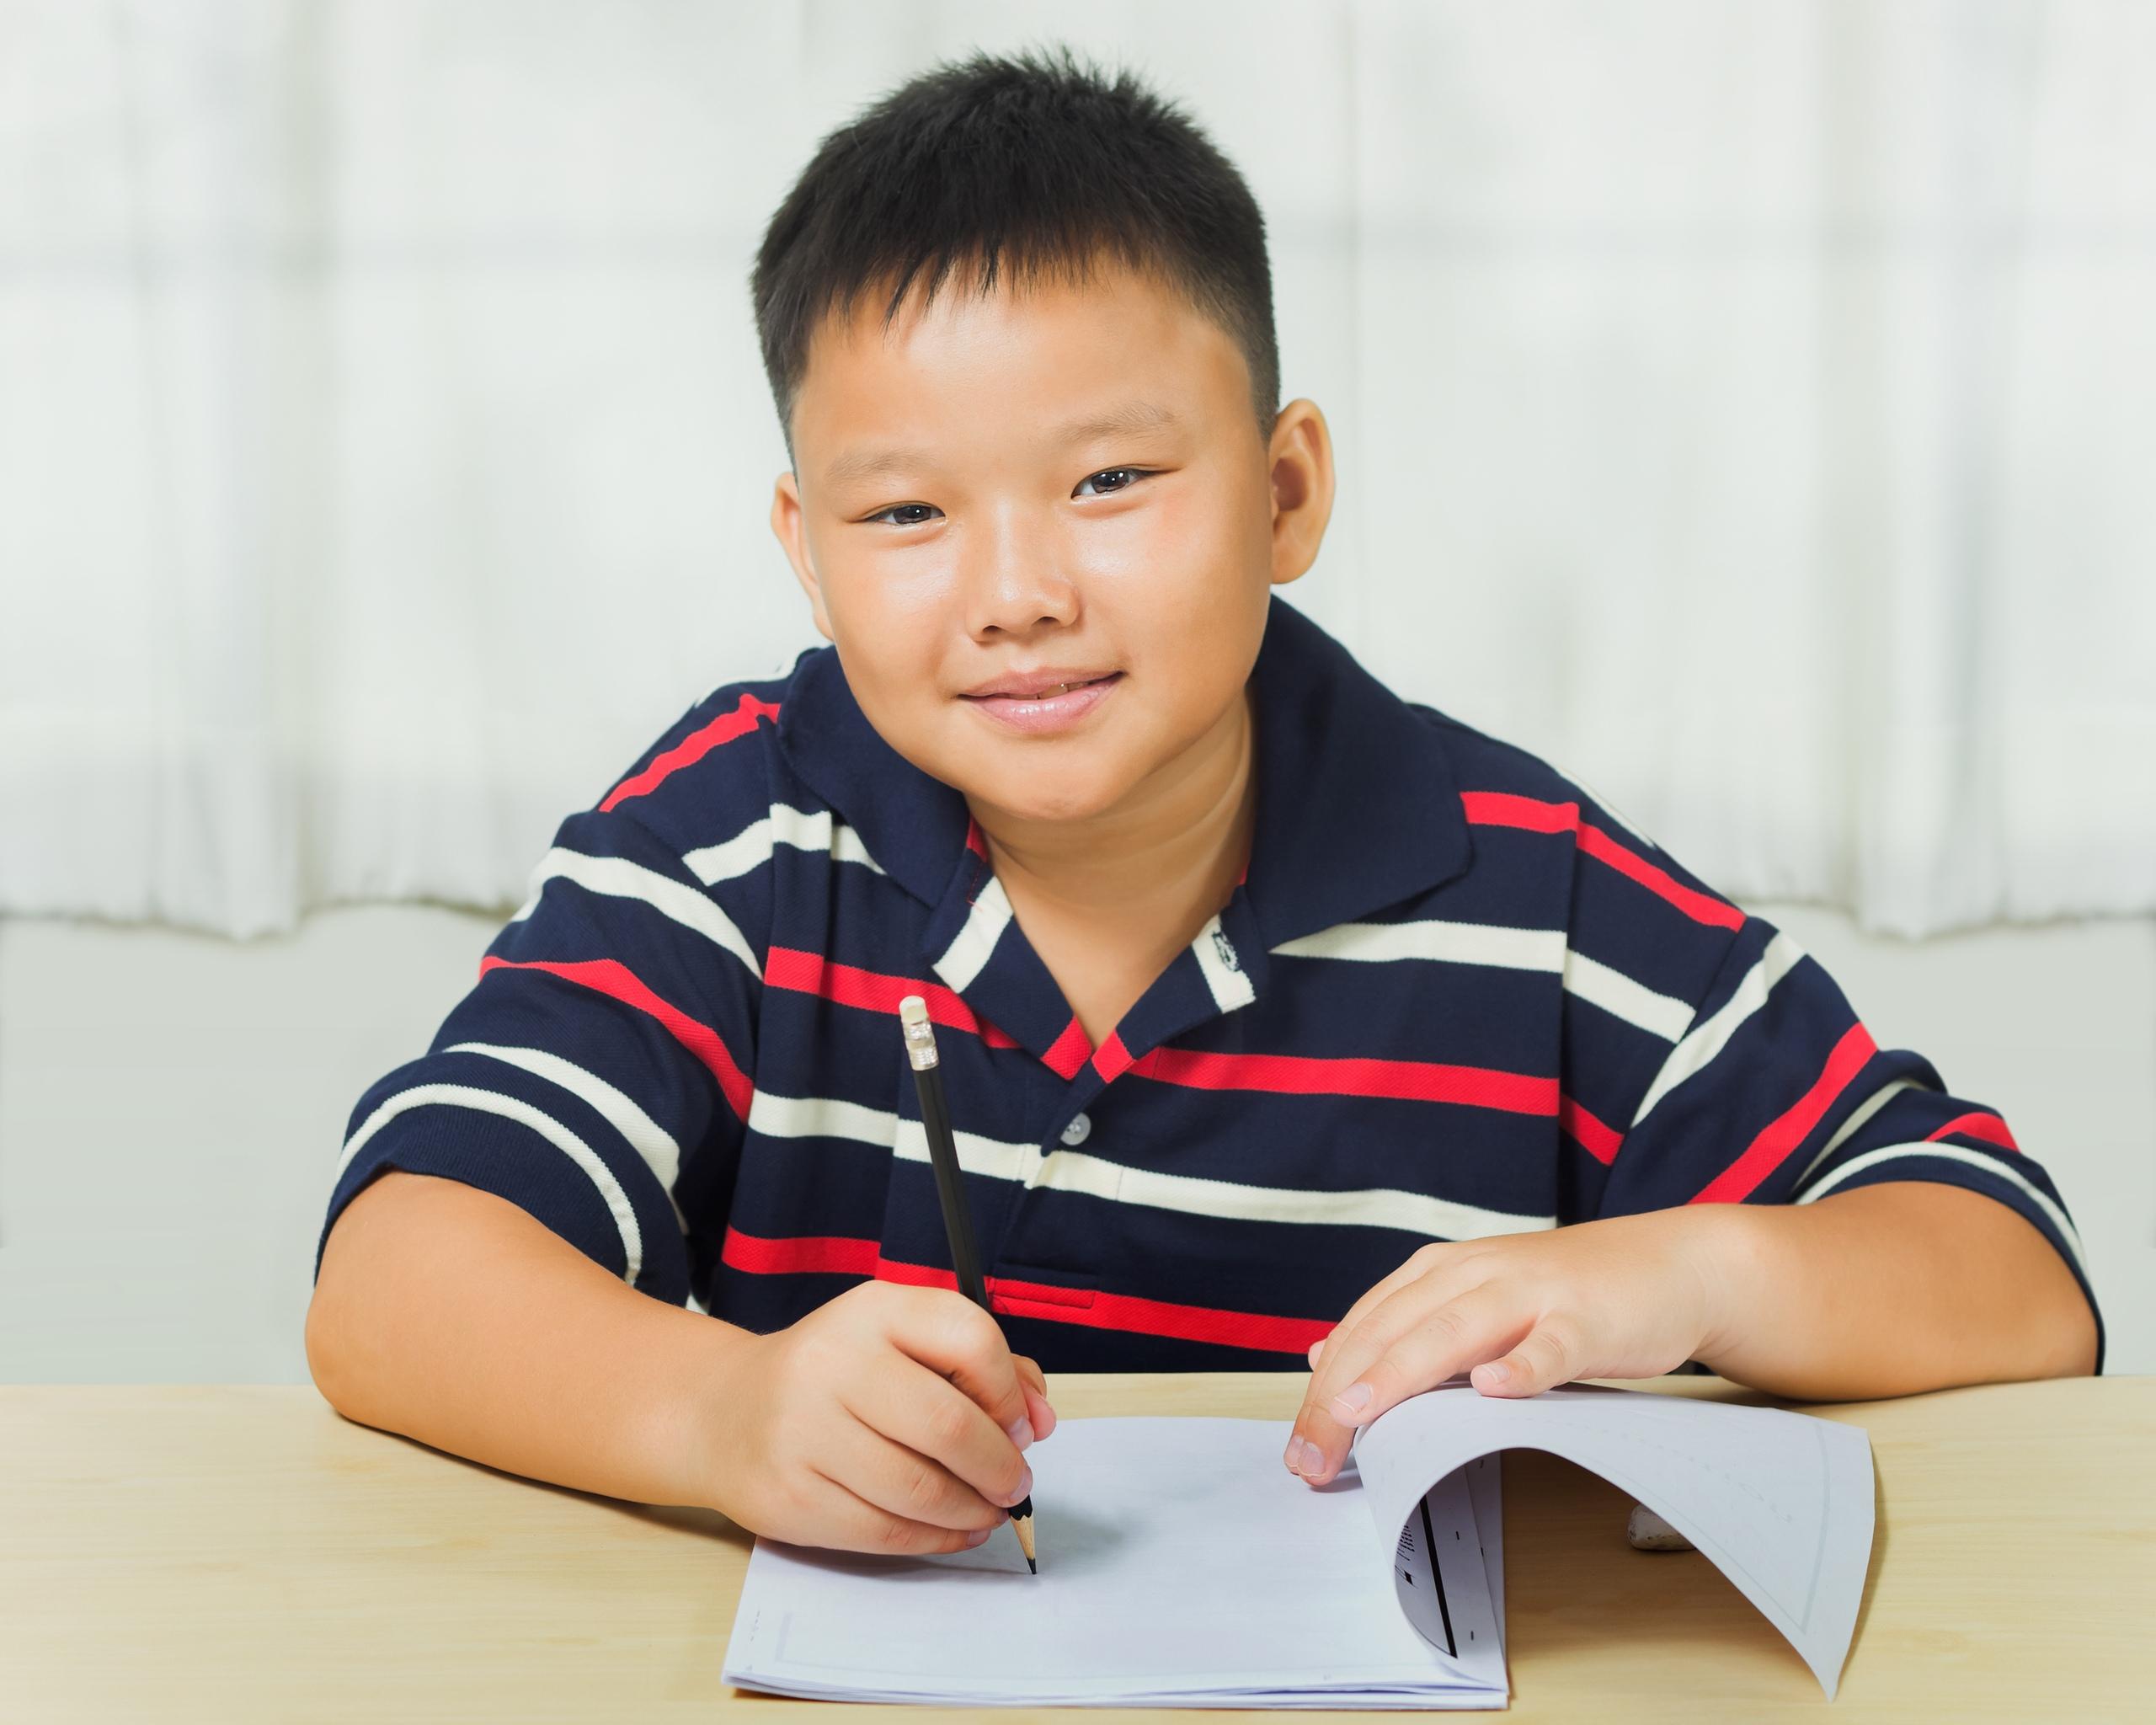 asian-boy-happy